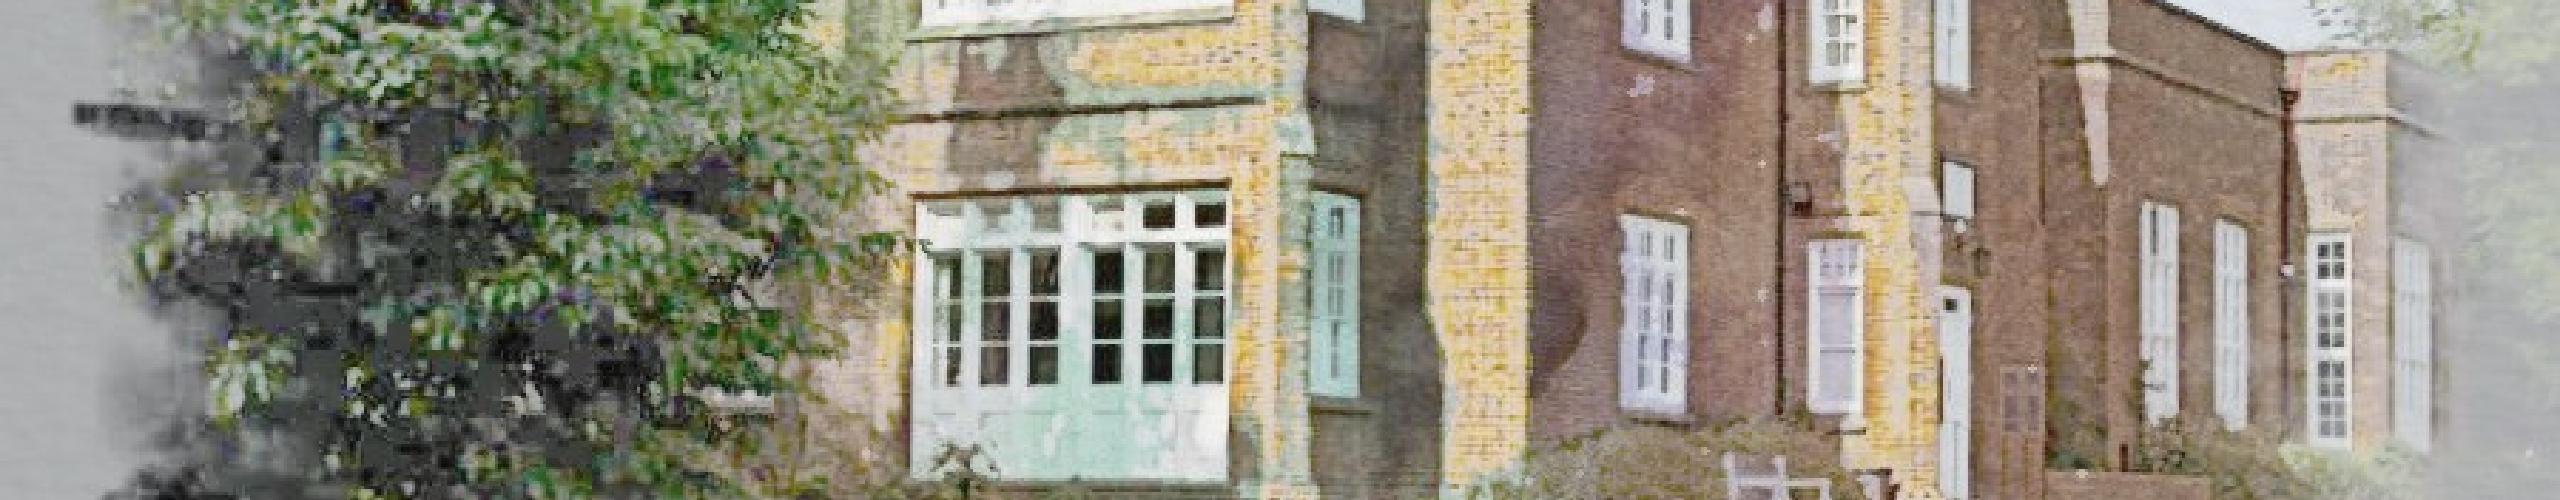 Saffron Walden Museum panel background